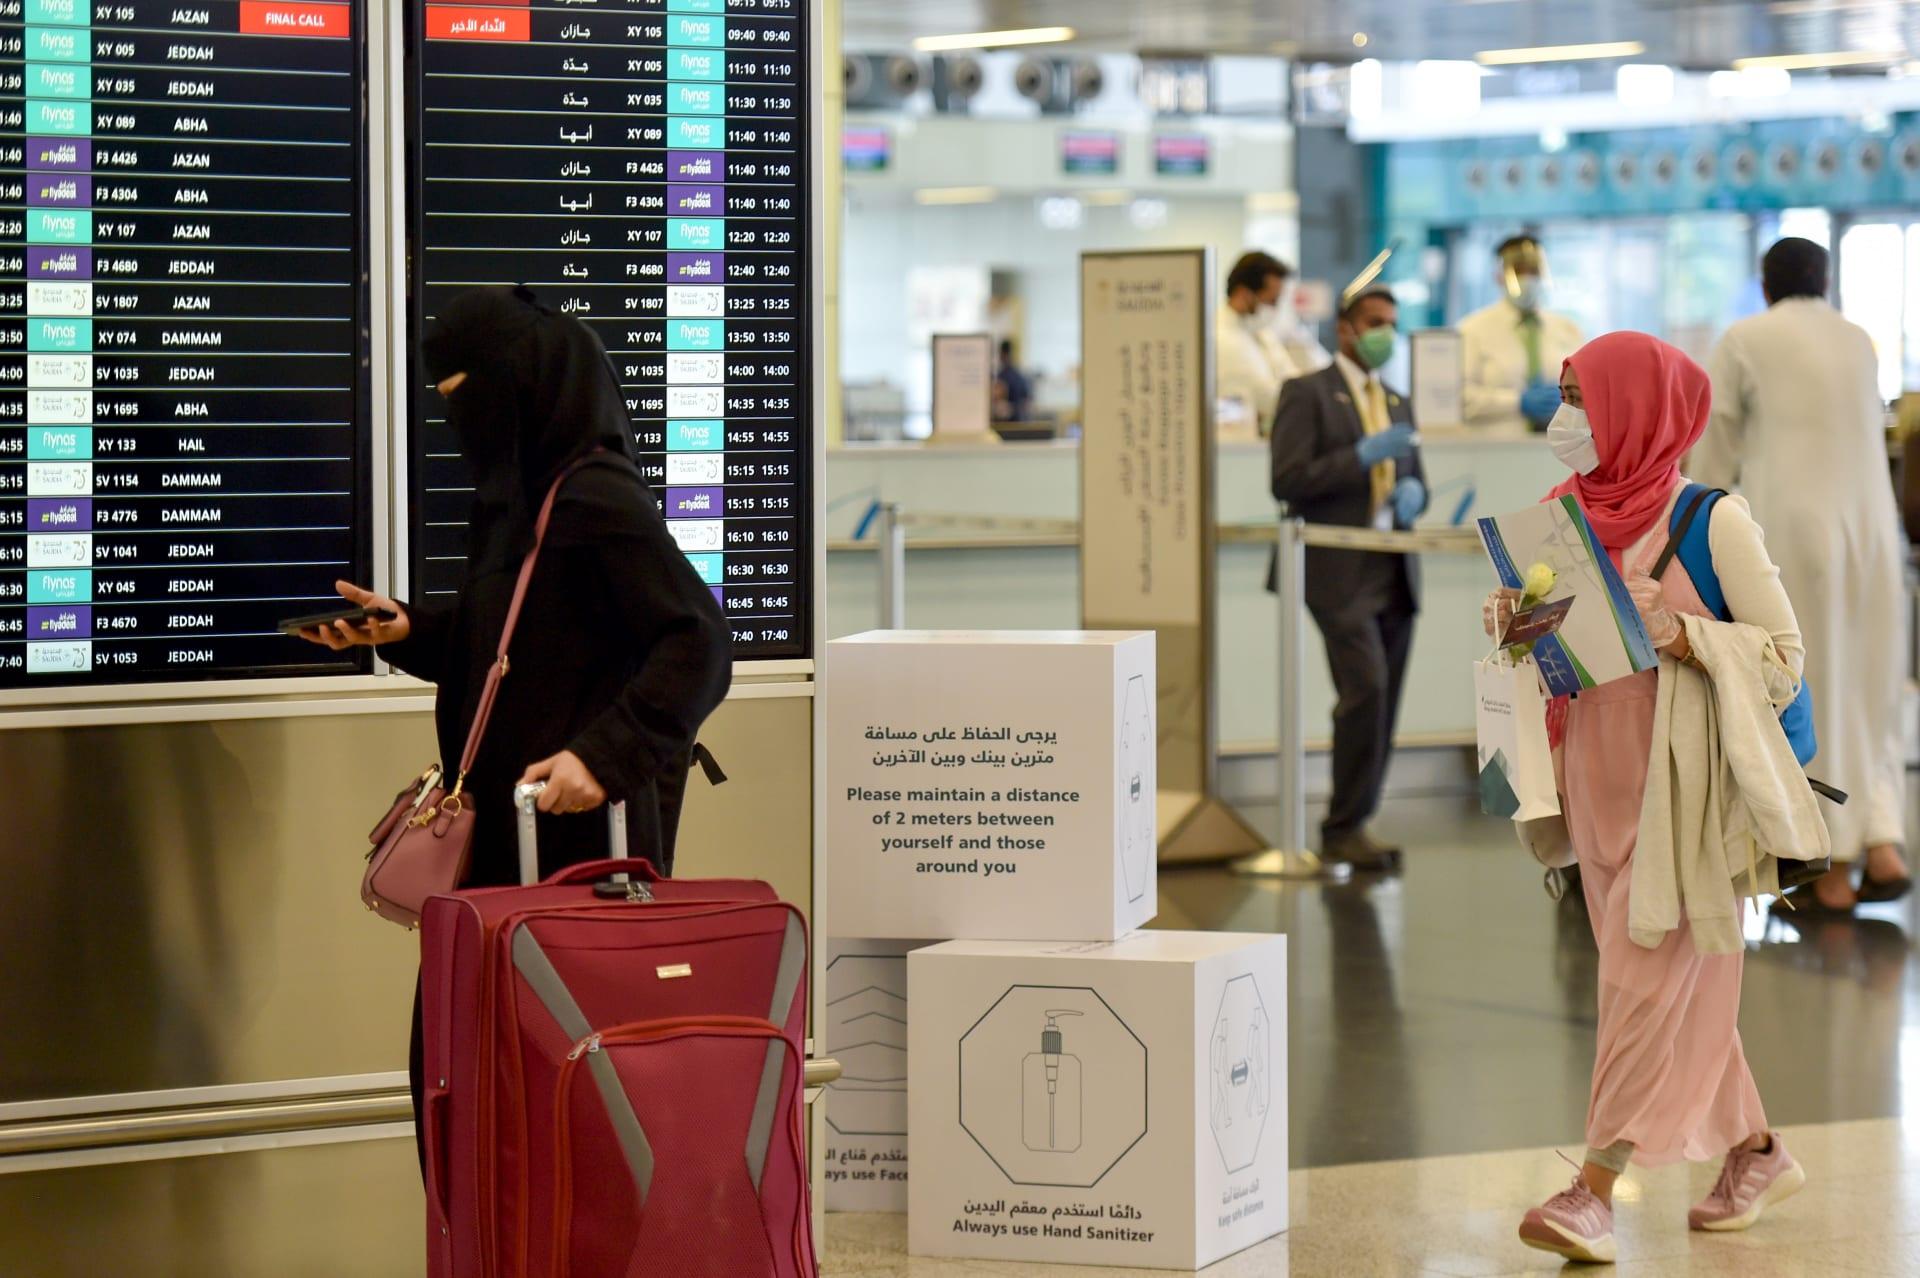 السعودية: فتح منافذنا ورفع تعليق الرحلات الدولية بشكل كامل في 31 مارس المقبل